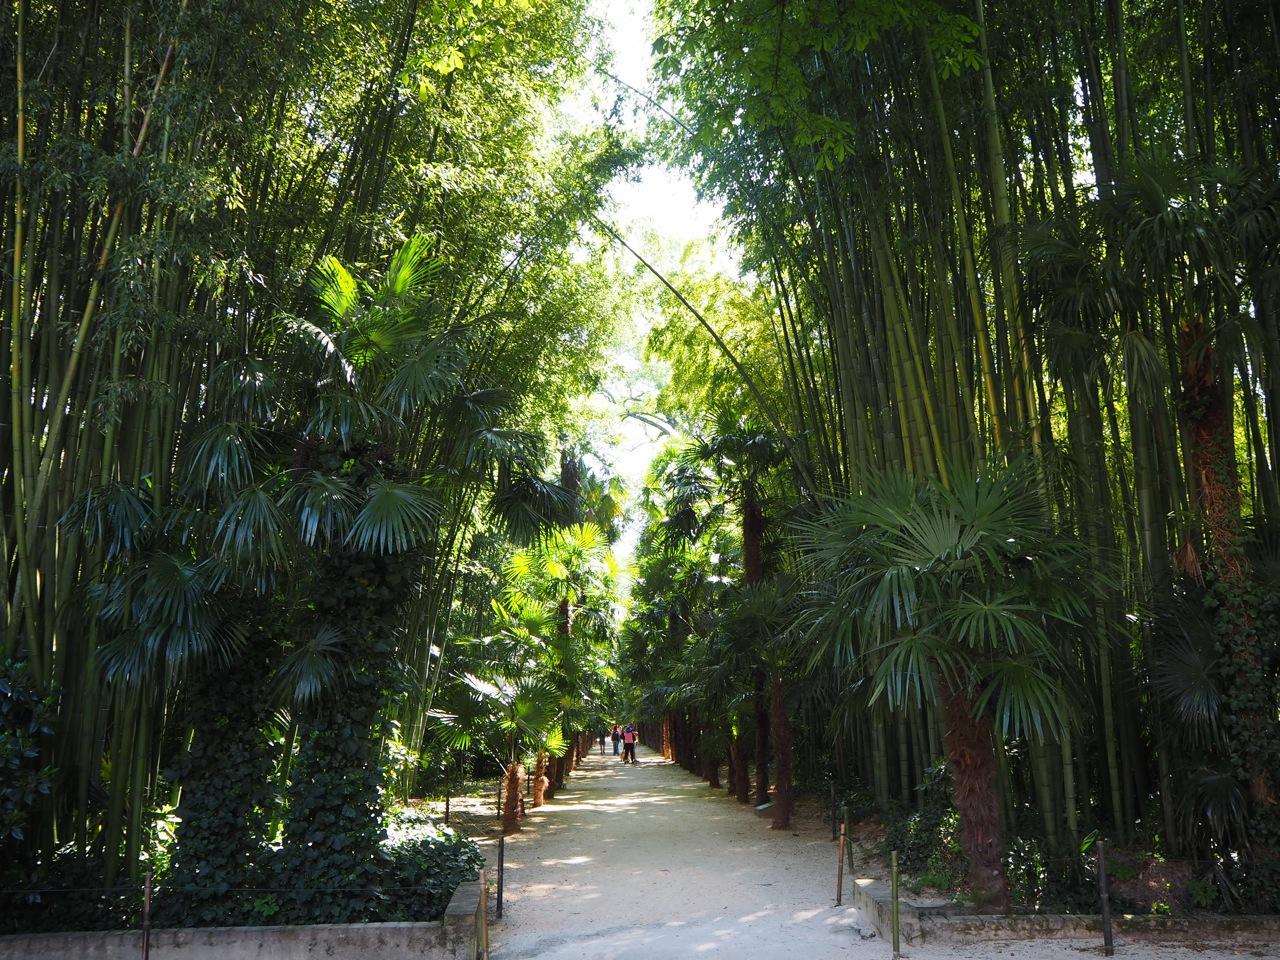 Pour les vacances la bambouseraie d 39 anduze ritalechat - La bambouseraie a anduze ...